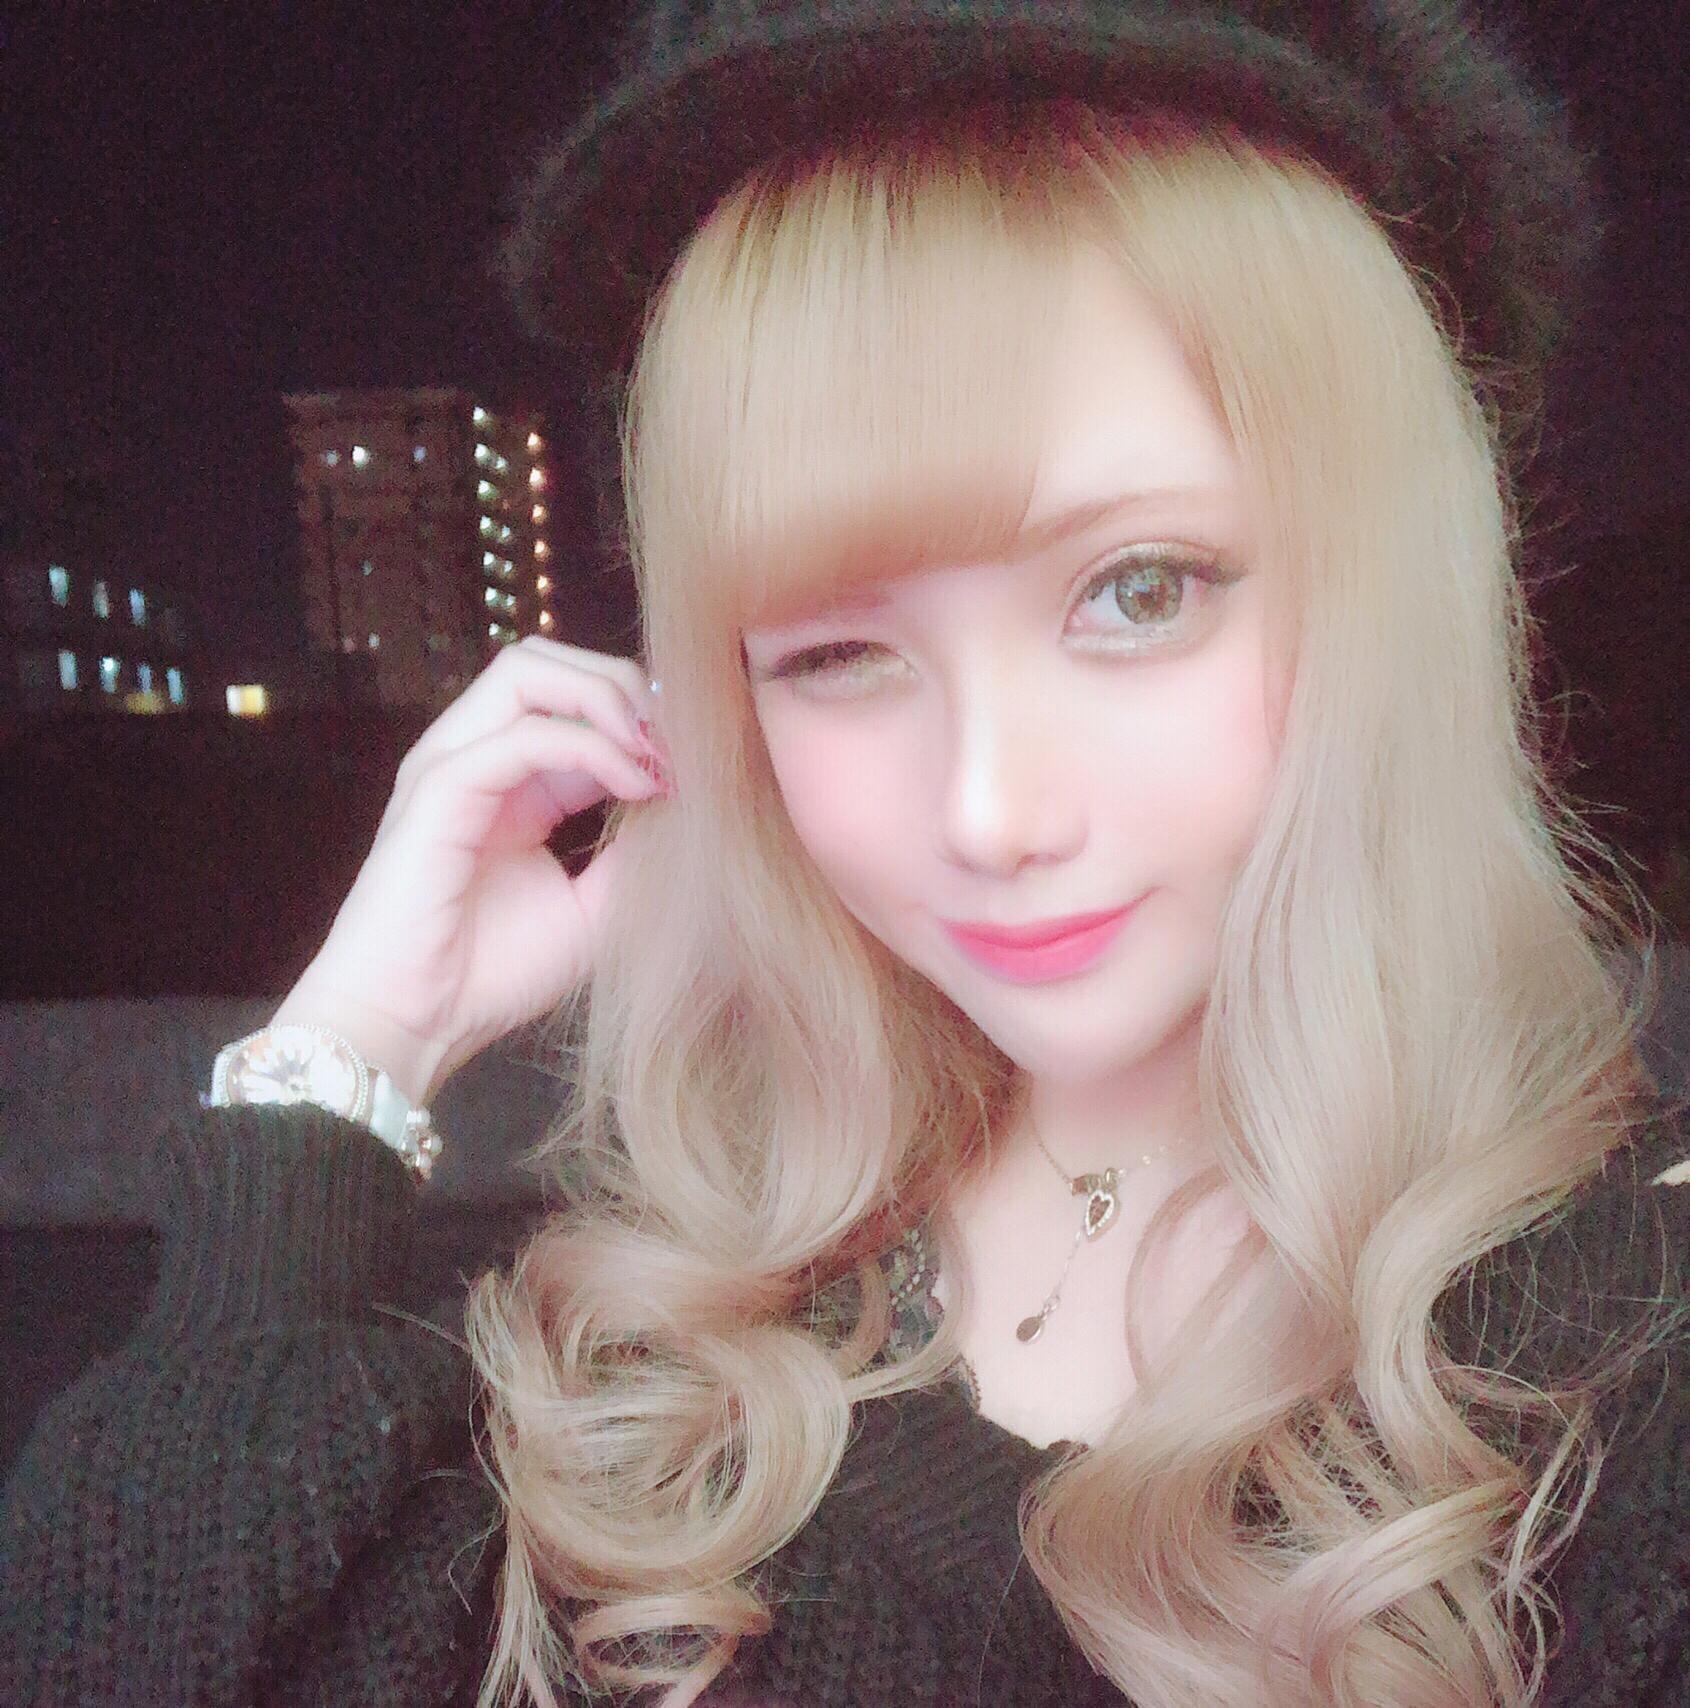 「ありがとう♡」11/19日(月) 23:10 | 新人 萌叶の写メ・風俗動画